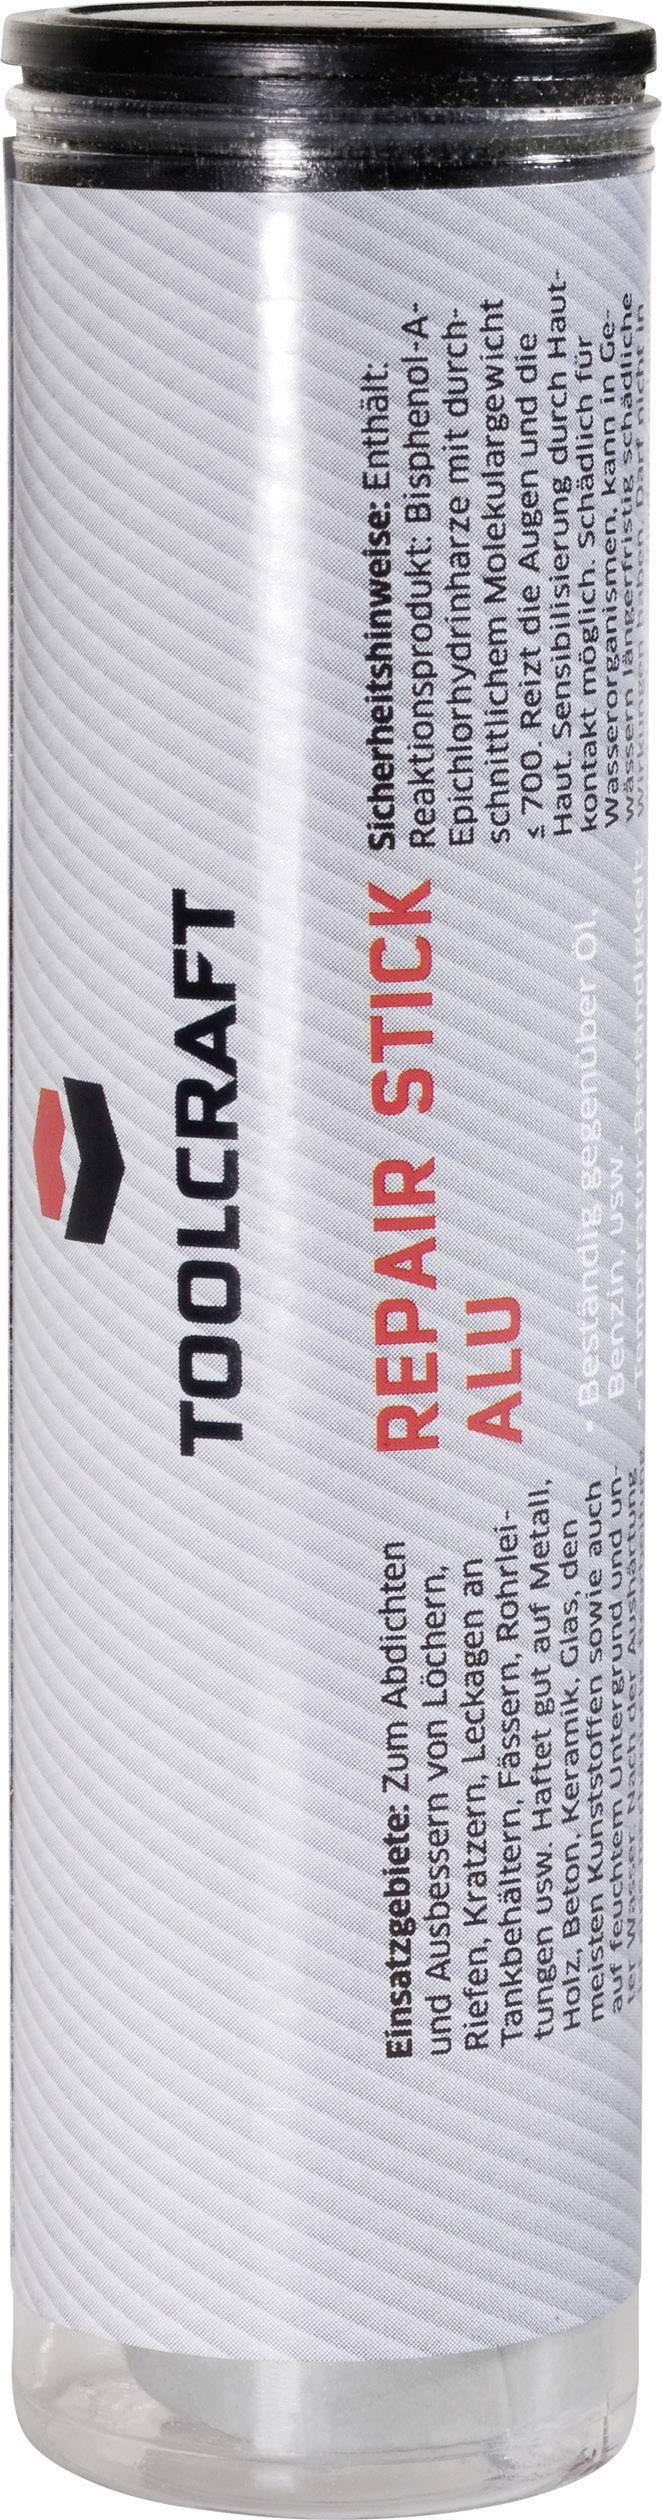 Toolcraft Repair Glue Stick (Alloy) Esta.56 56 G From Conrad.Com